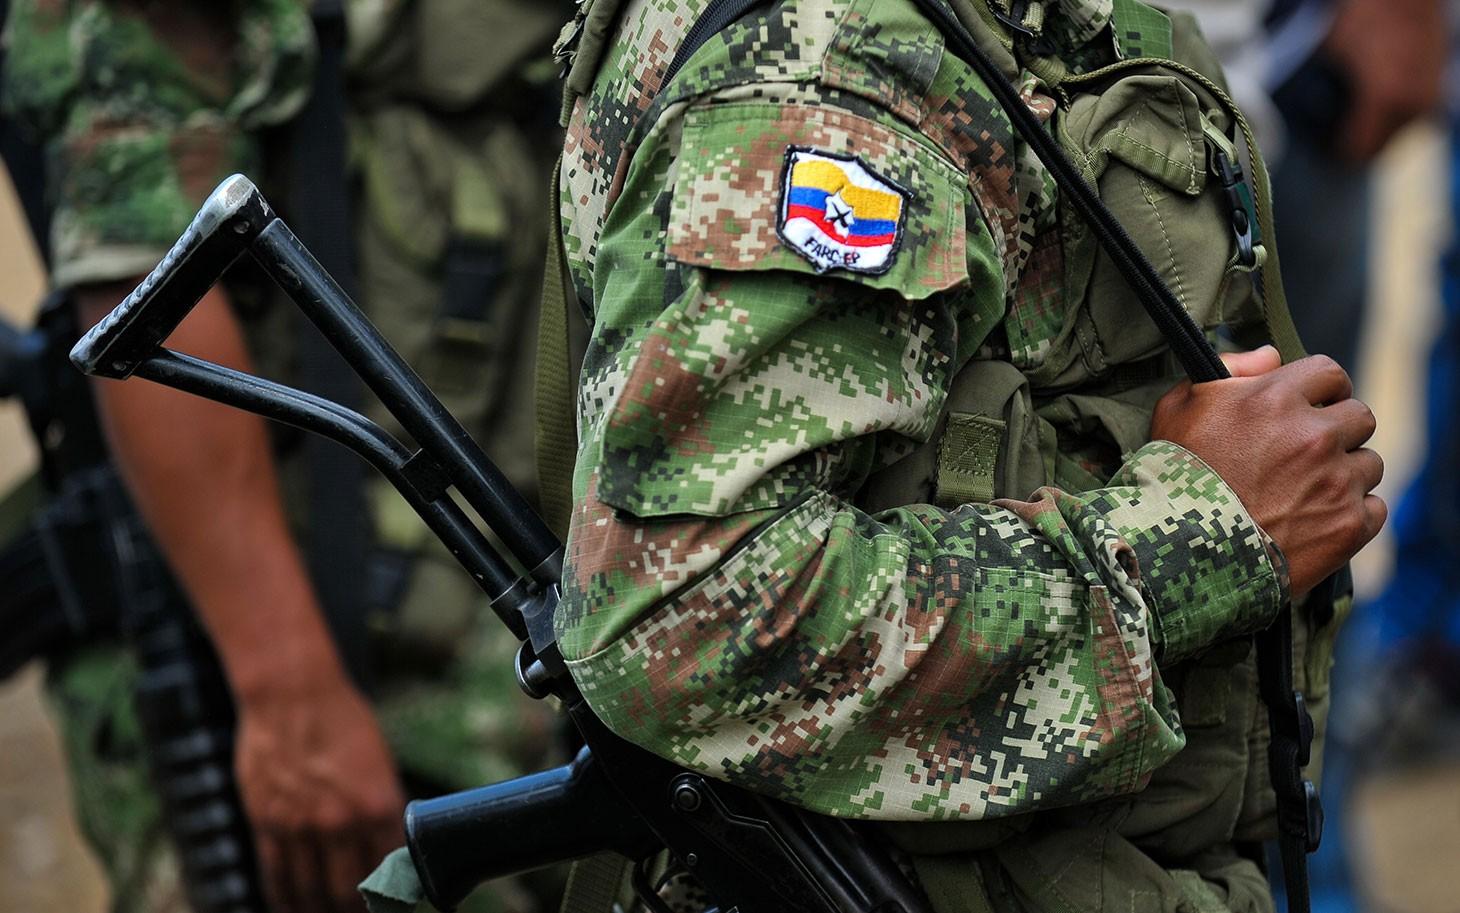 ВКолумбии вступило всилу мирное соглашение опрекращении огня